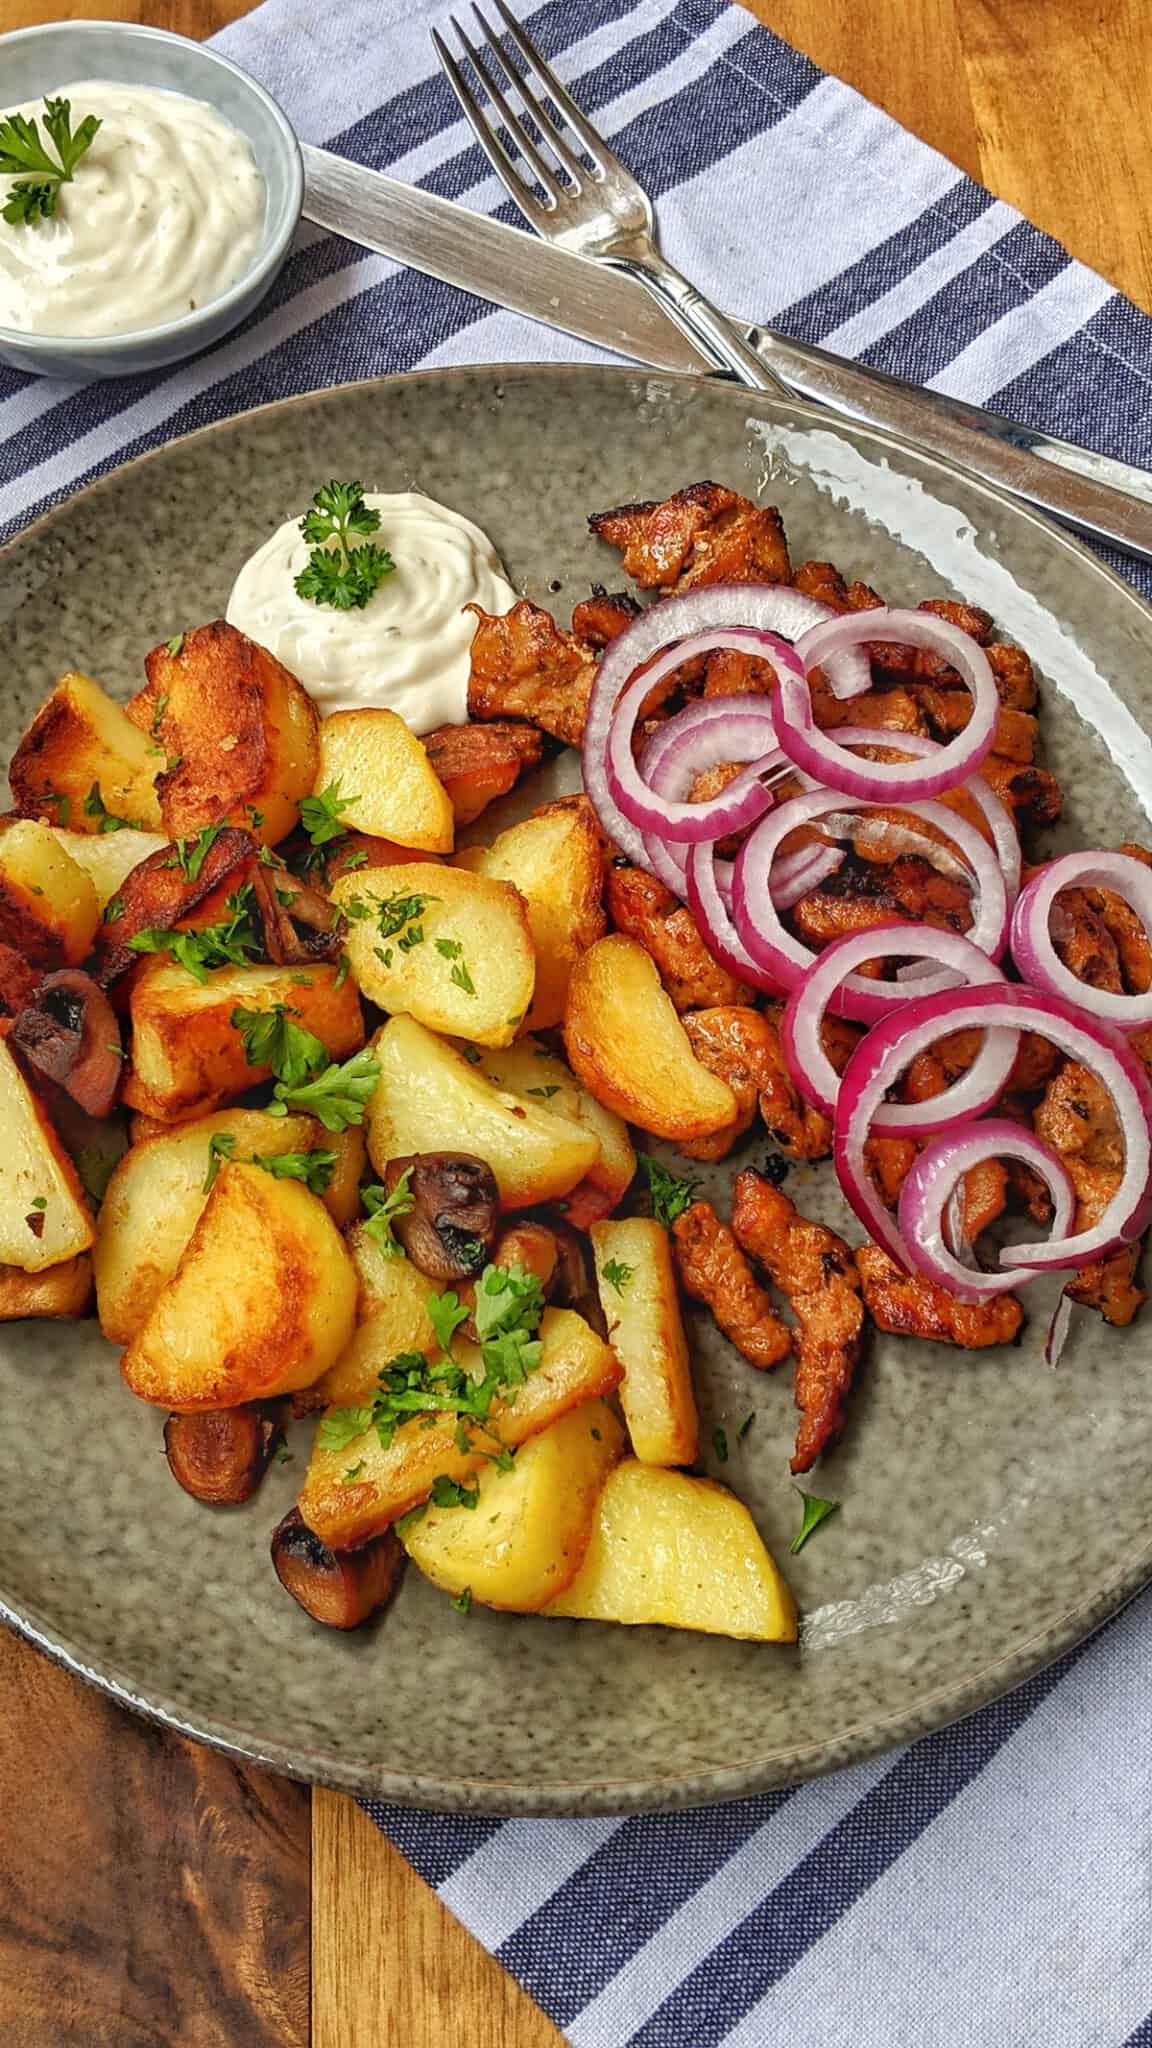 Ein dunkler Teller mit Bratkartoffeln und Gyros.